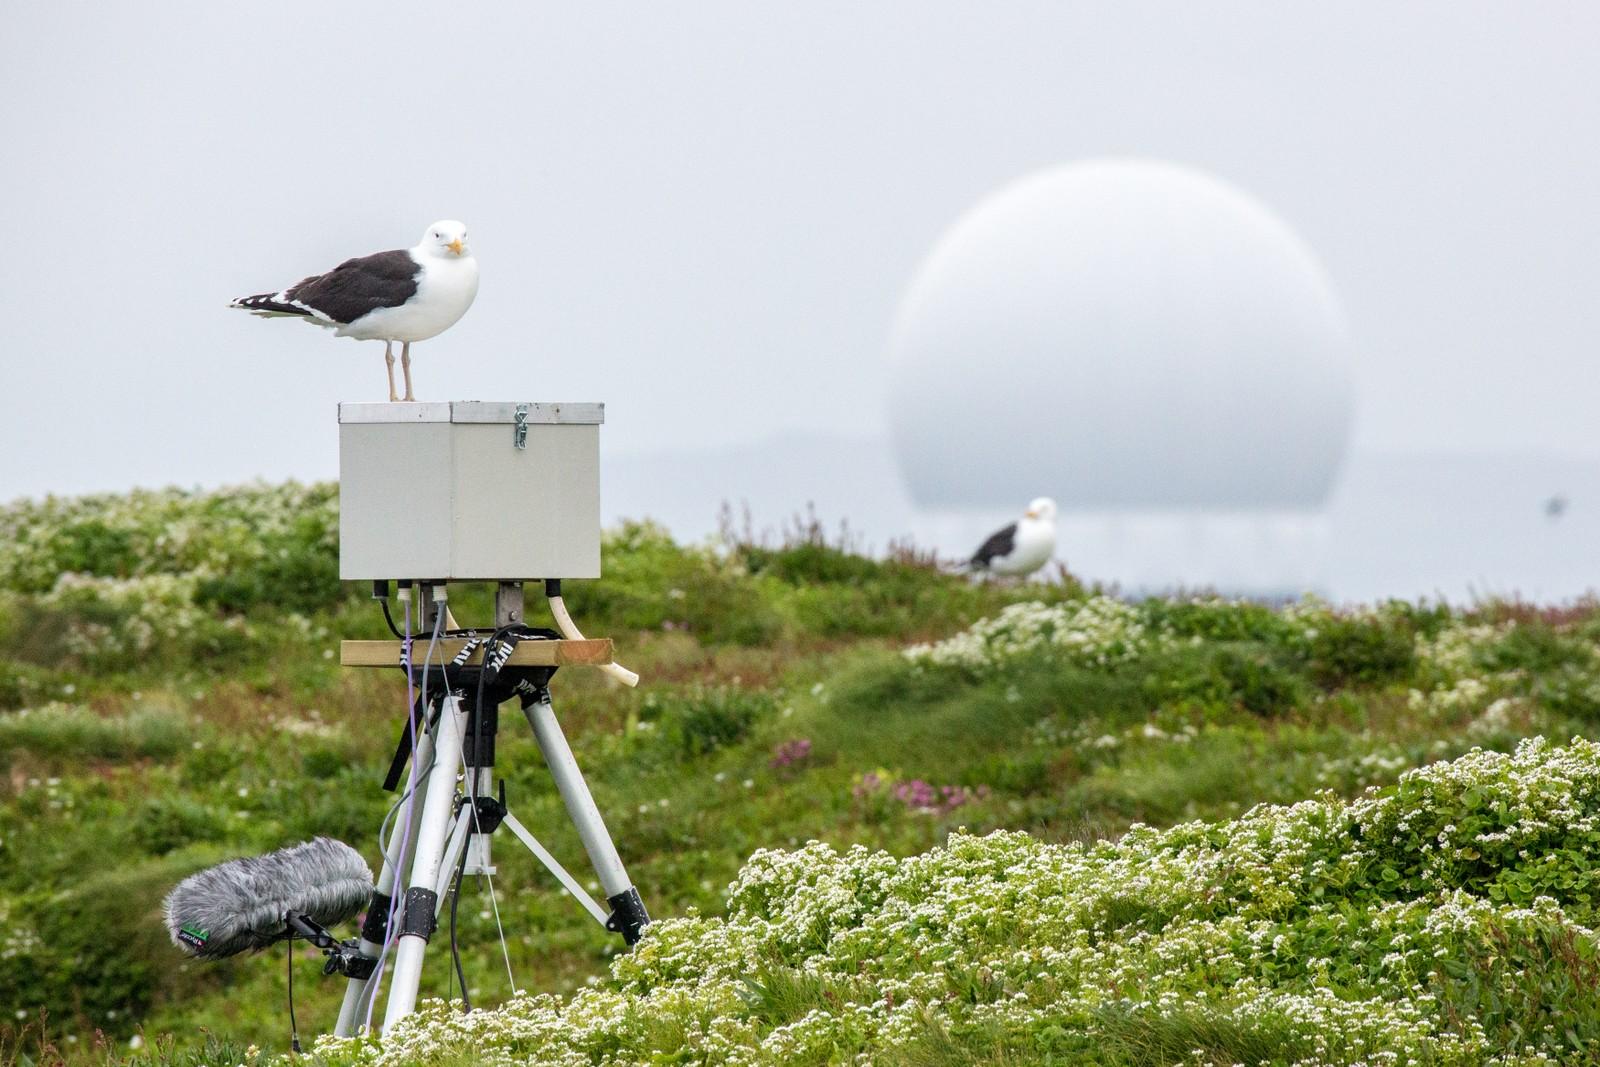 Måkekameraet står midt oppe på øyen: her har en svartbak plassert seg midt oppå kameraet for ekstra god oversikt.